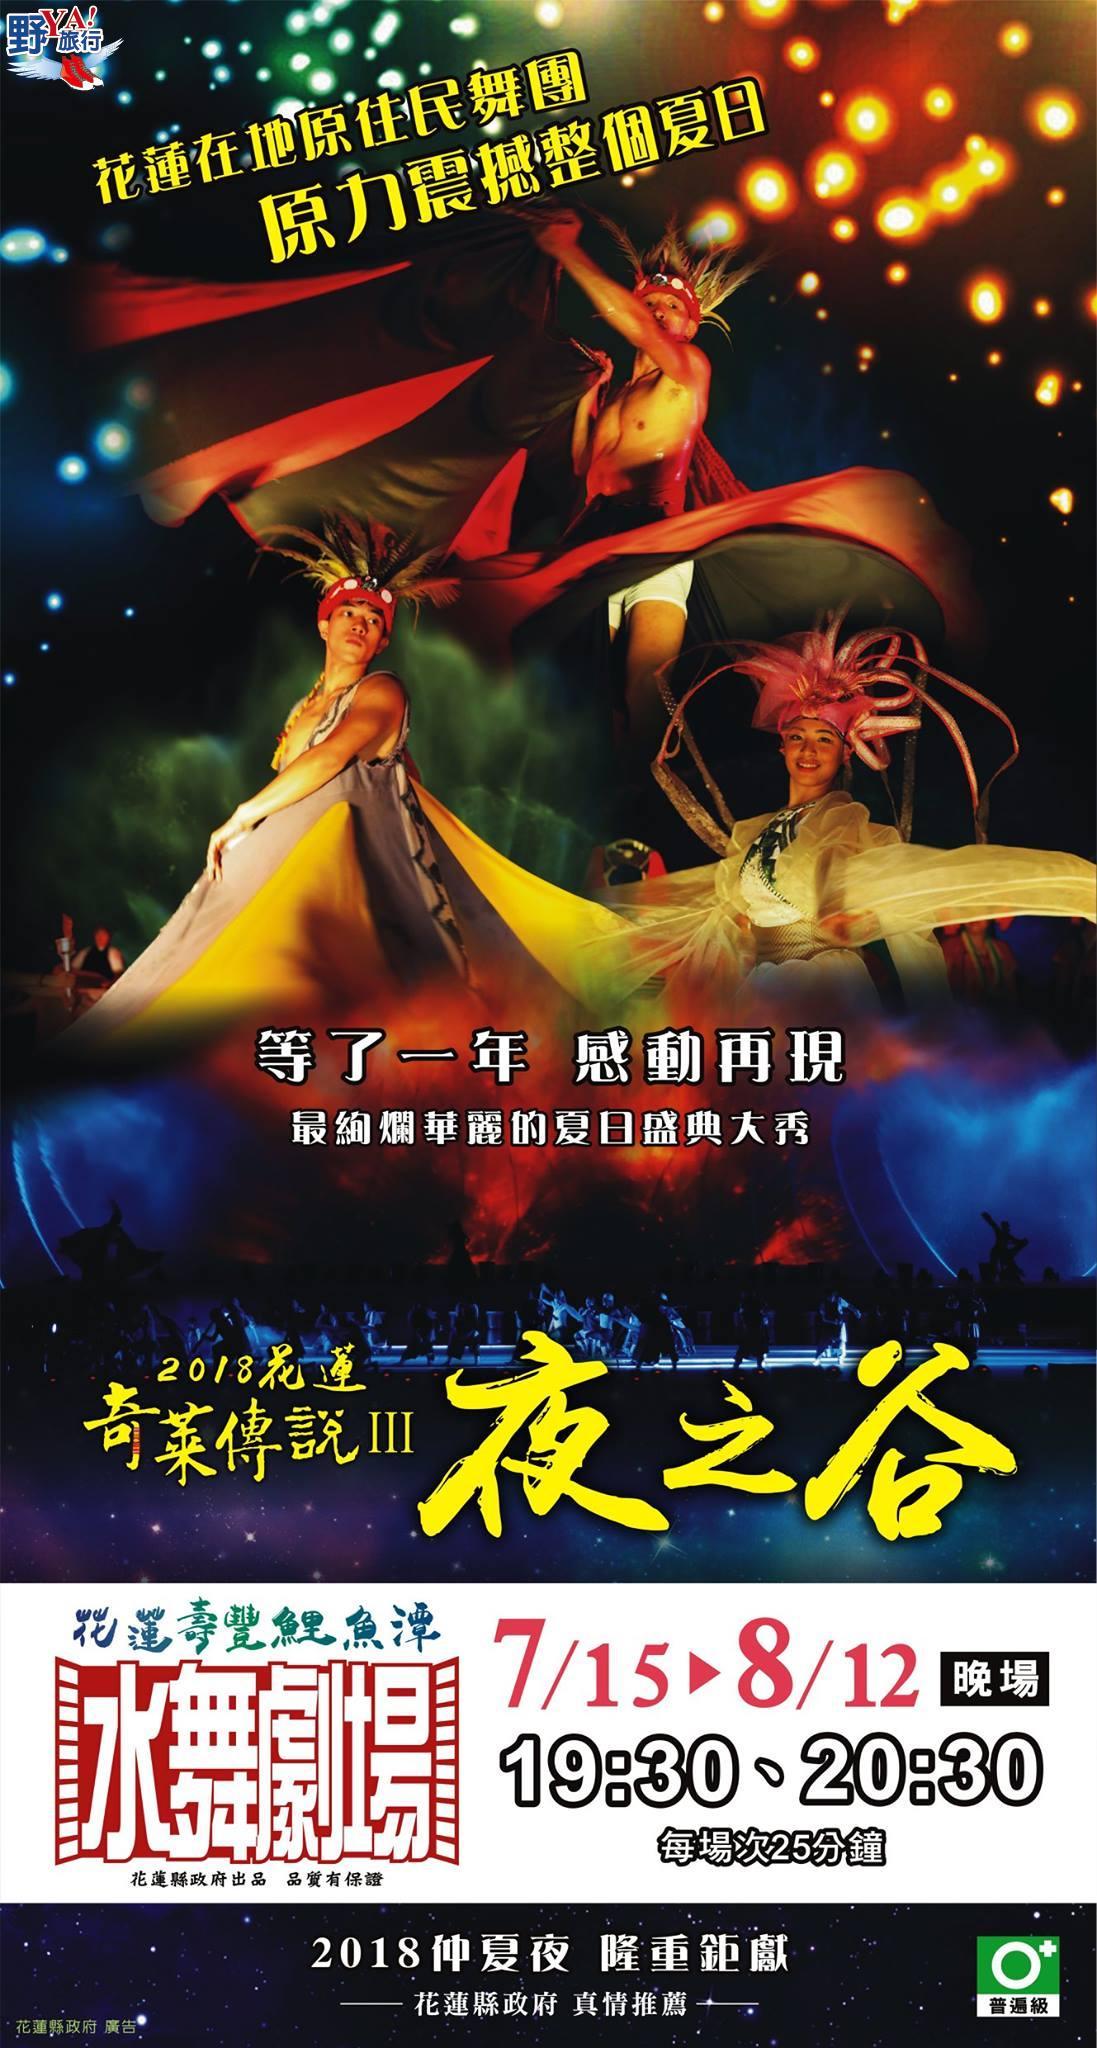 2018花蓮奇萊傳說III 夜之谷水舞劇場 @YA 野旅行-旅行不需要理由